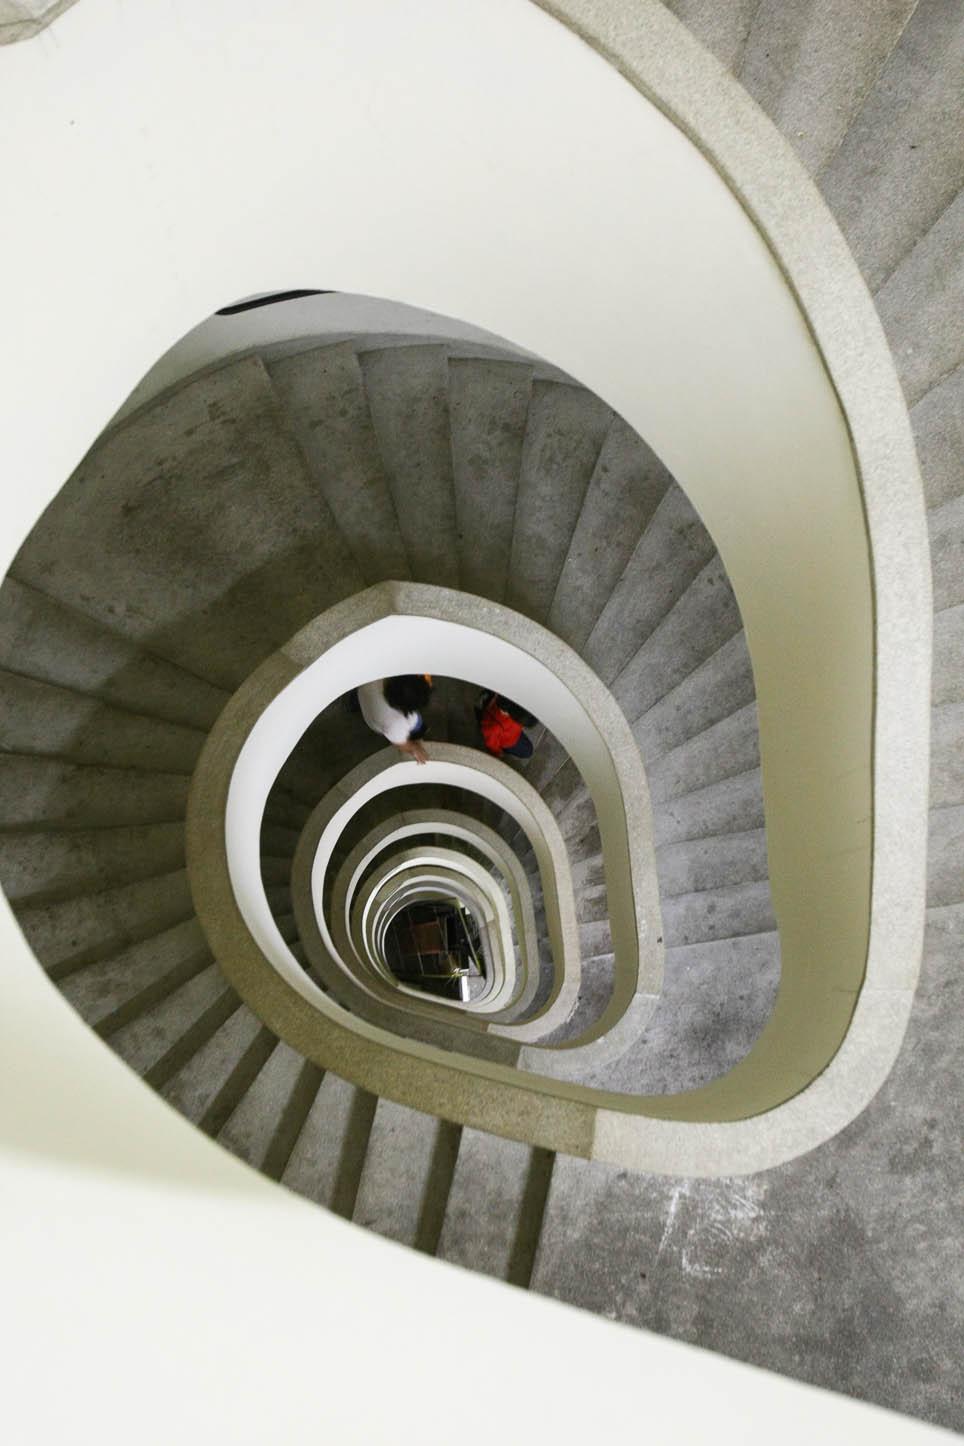 Escadaria de prédio no centro